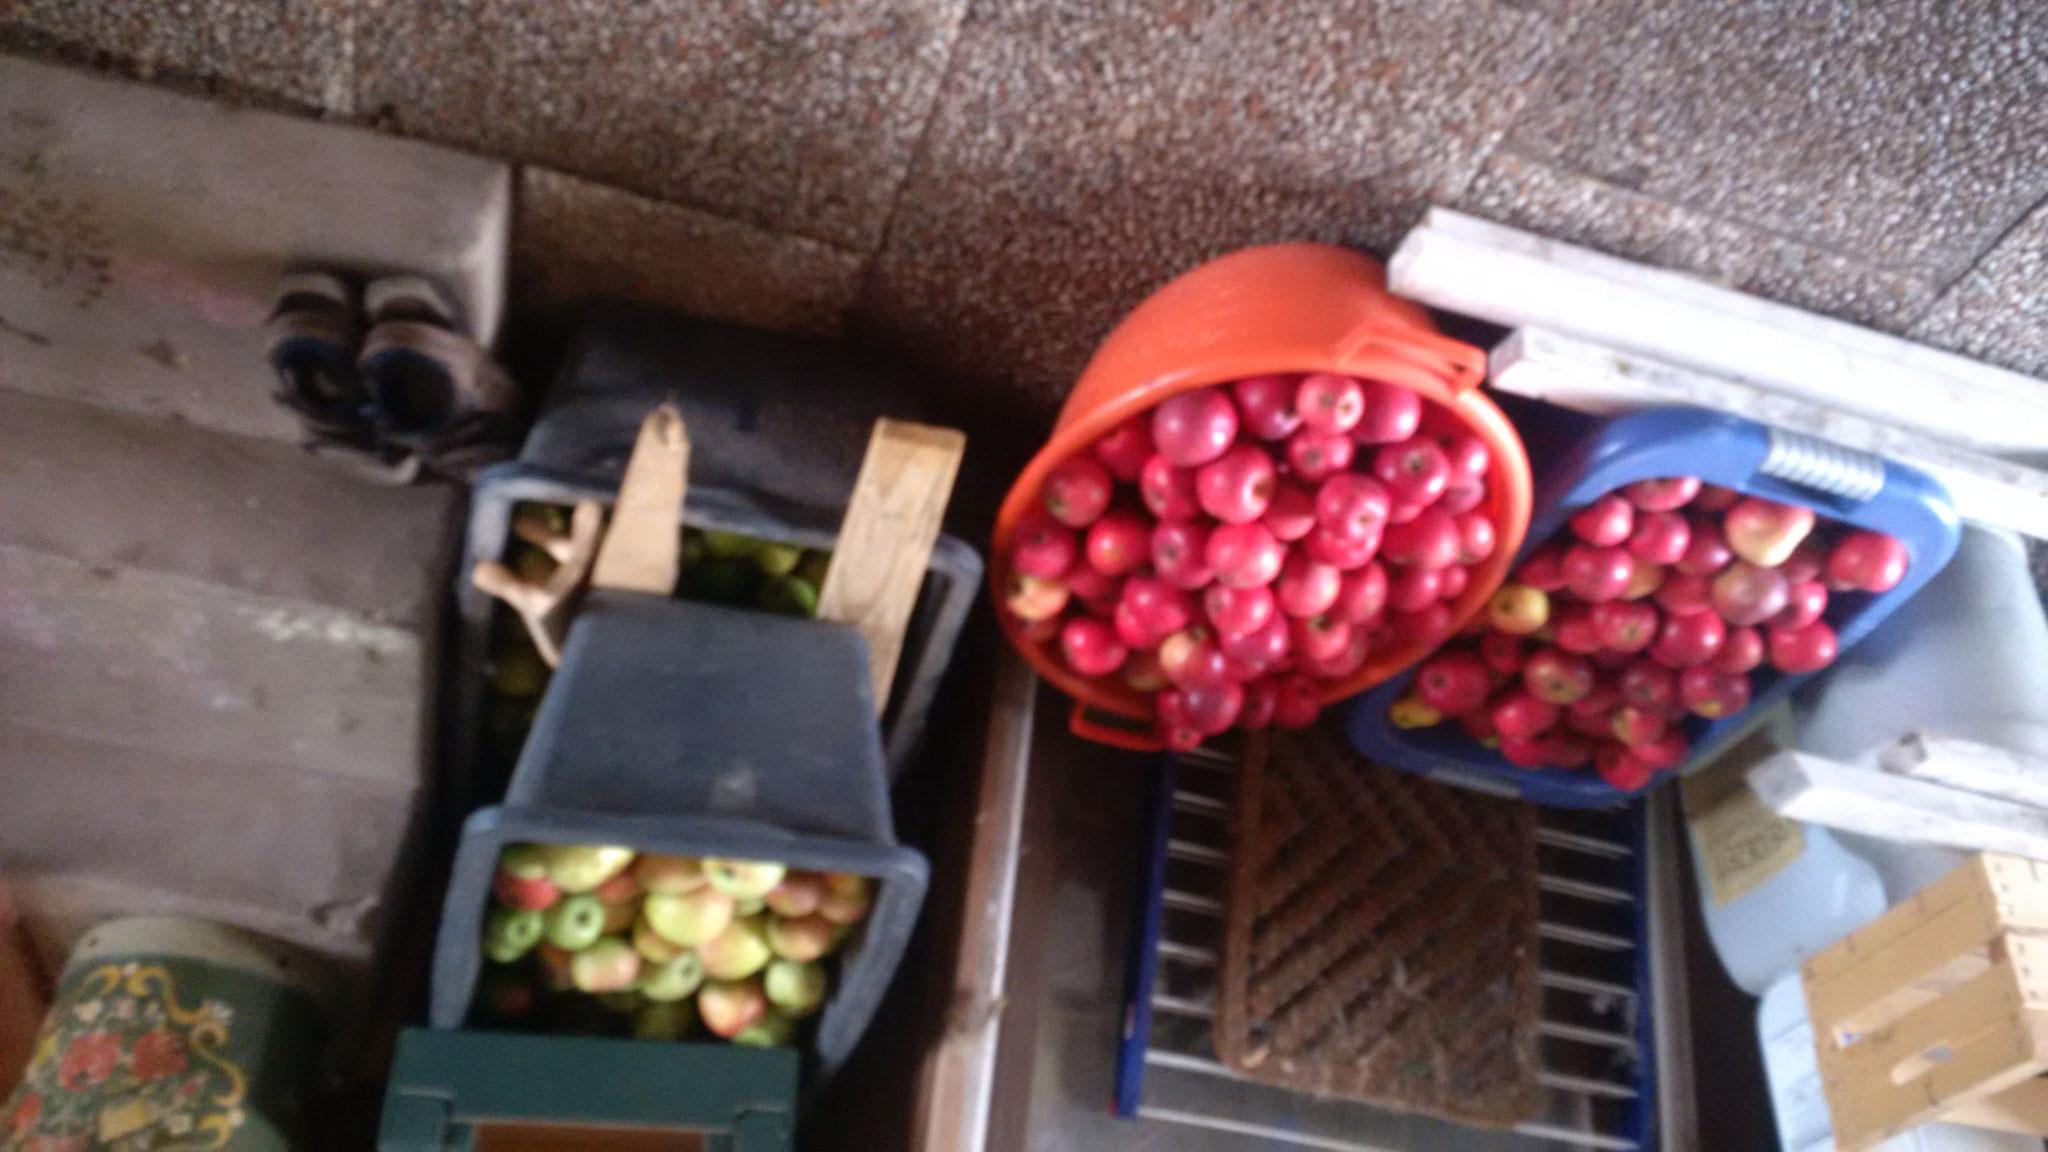 Der Rohstoff. In diesem Jahr ausschließlich liebliche Apfelsorten mit wenig Säure.